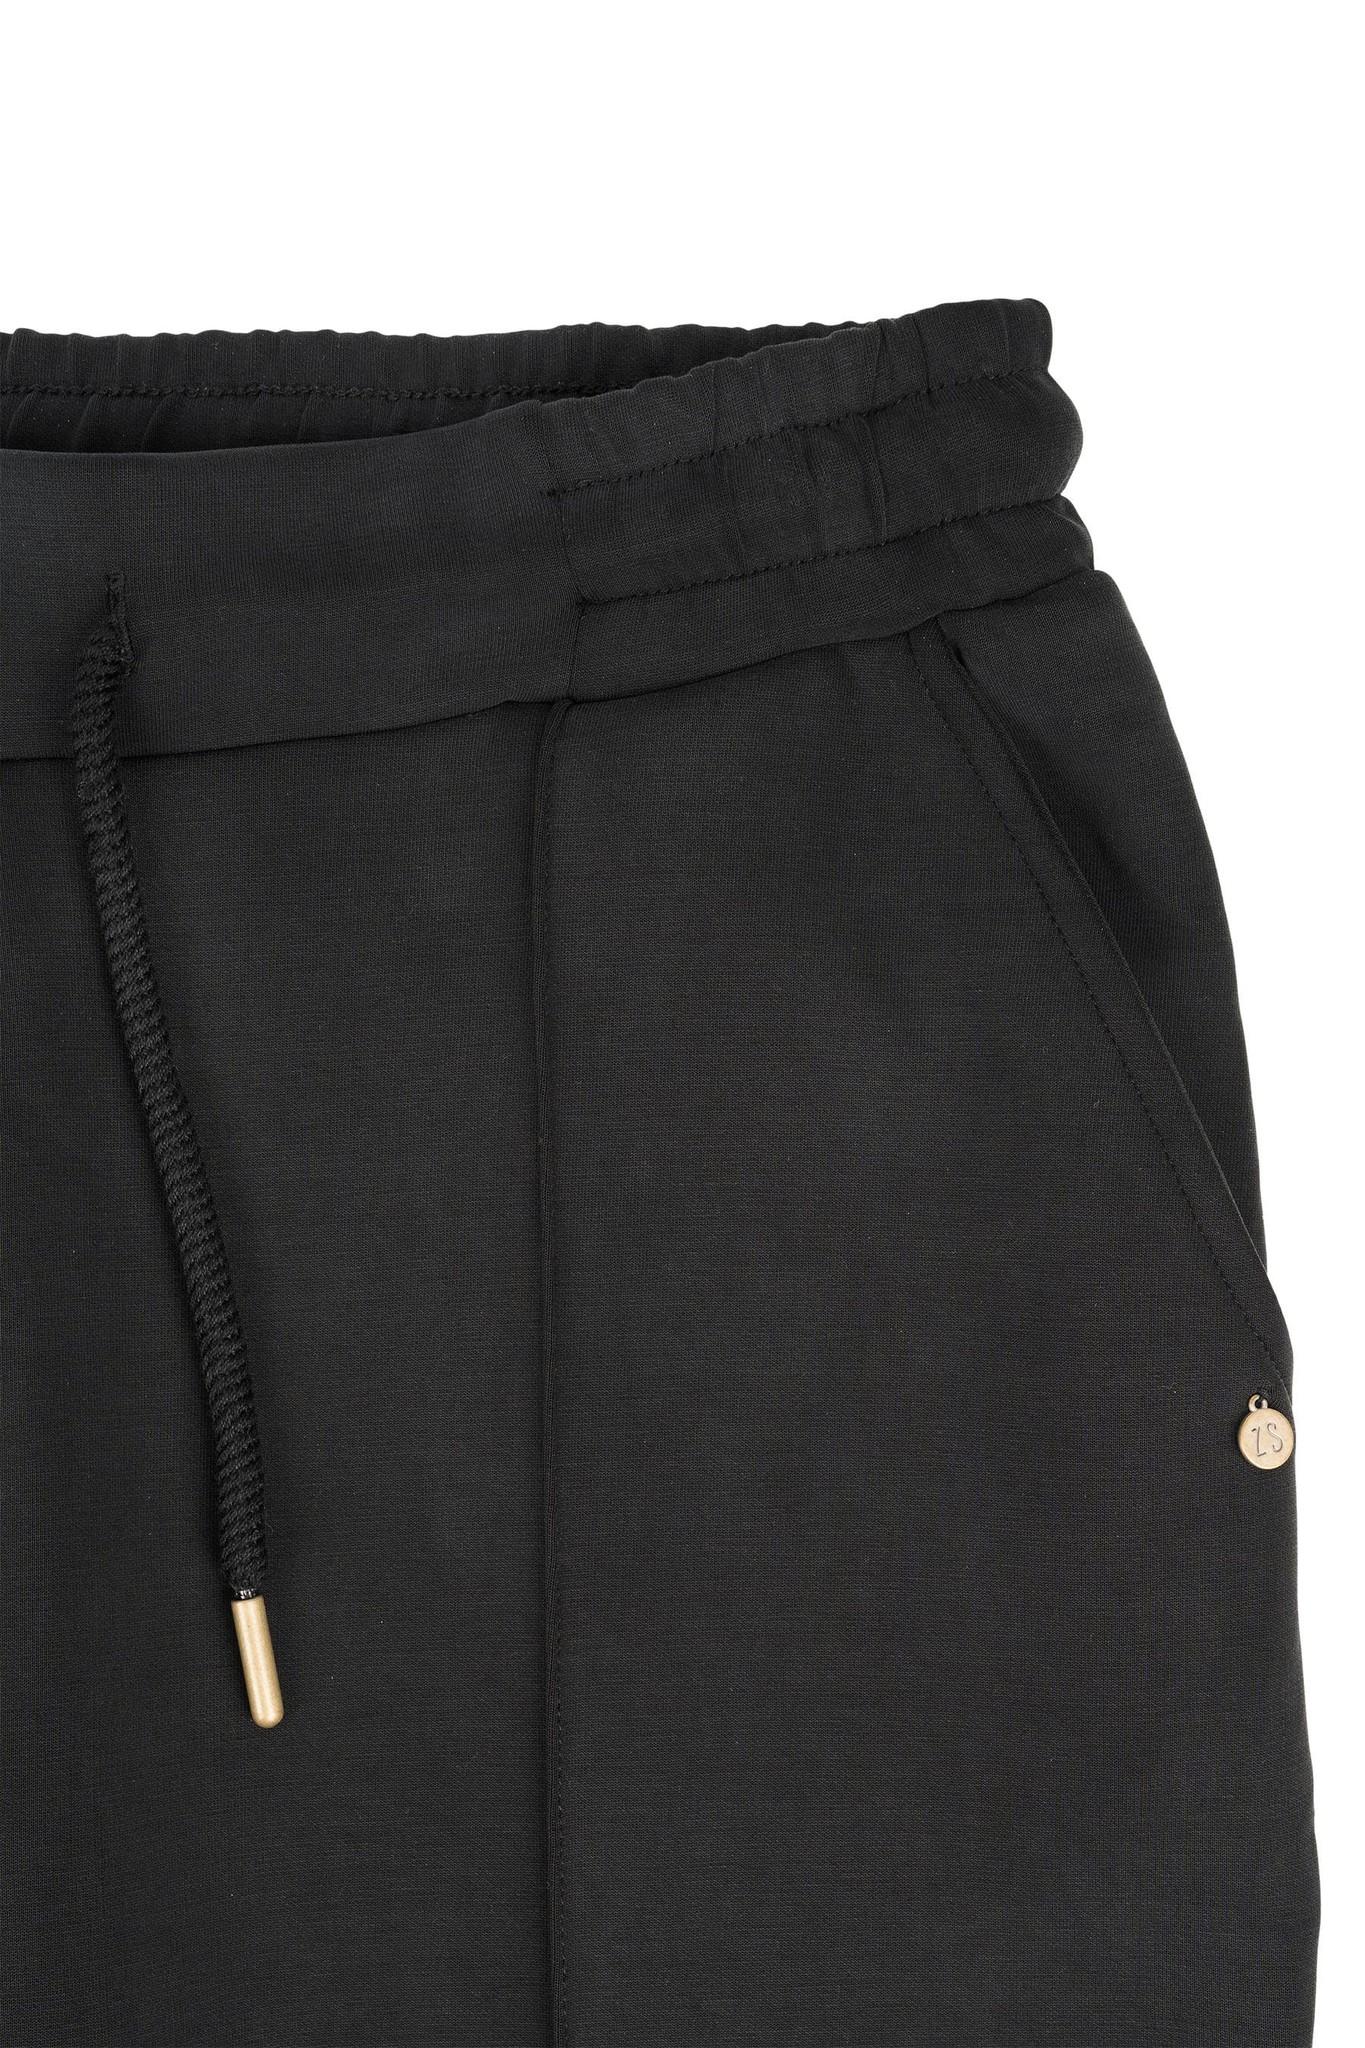 Zusss fijne broek off-black